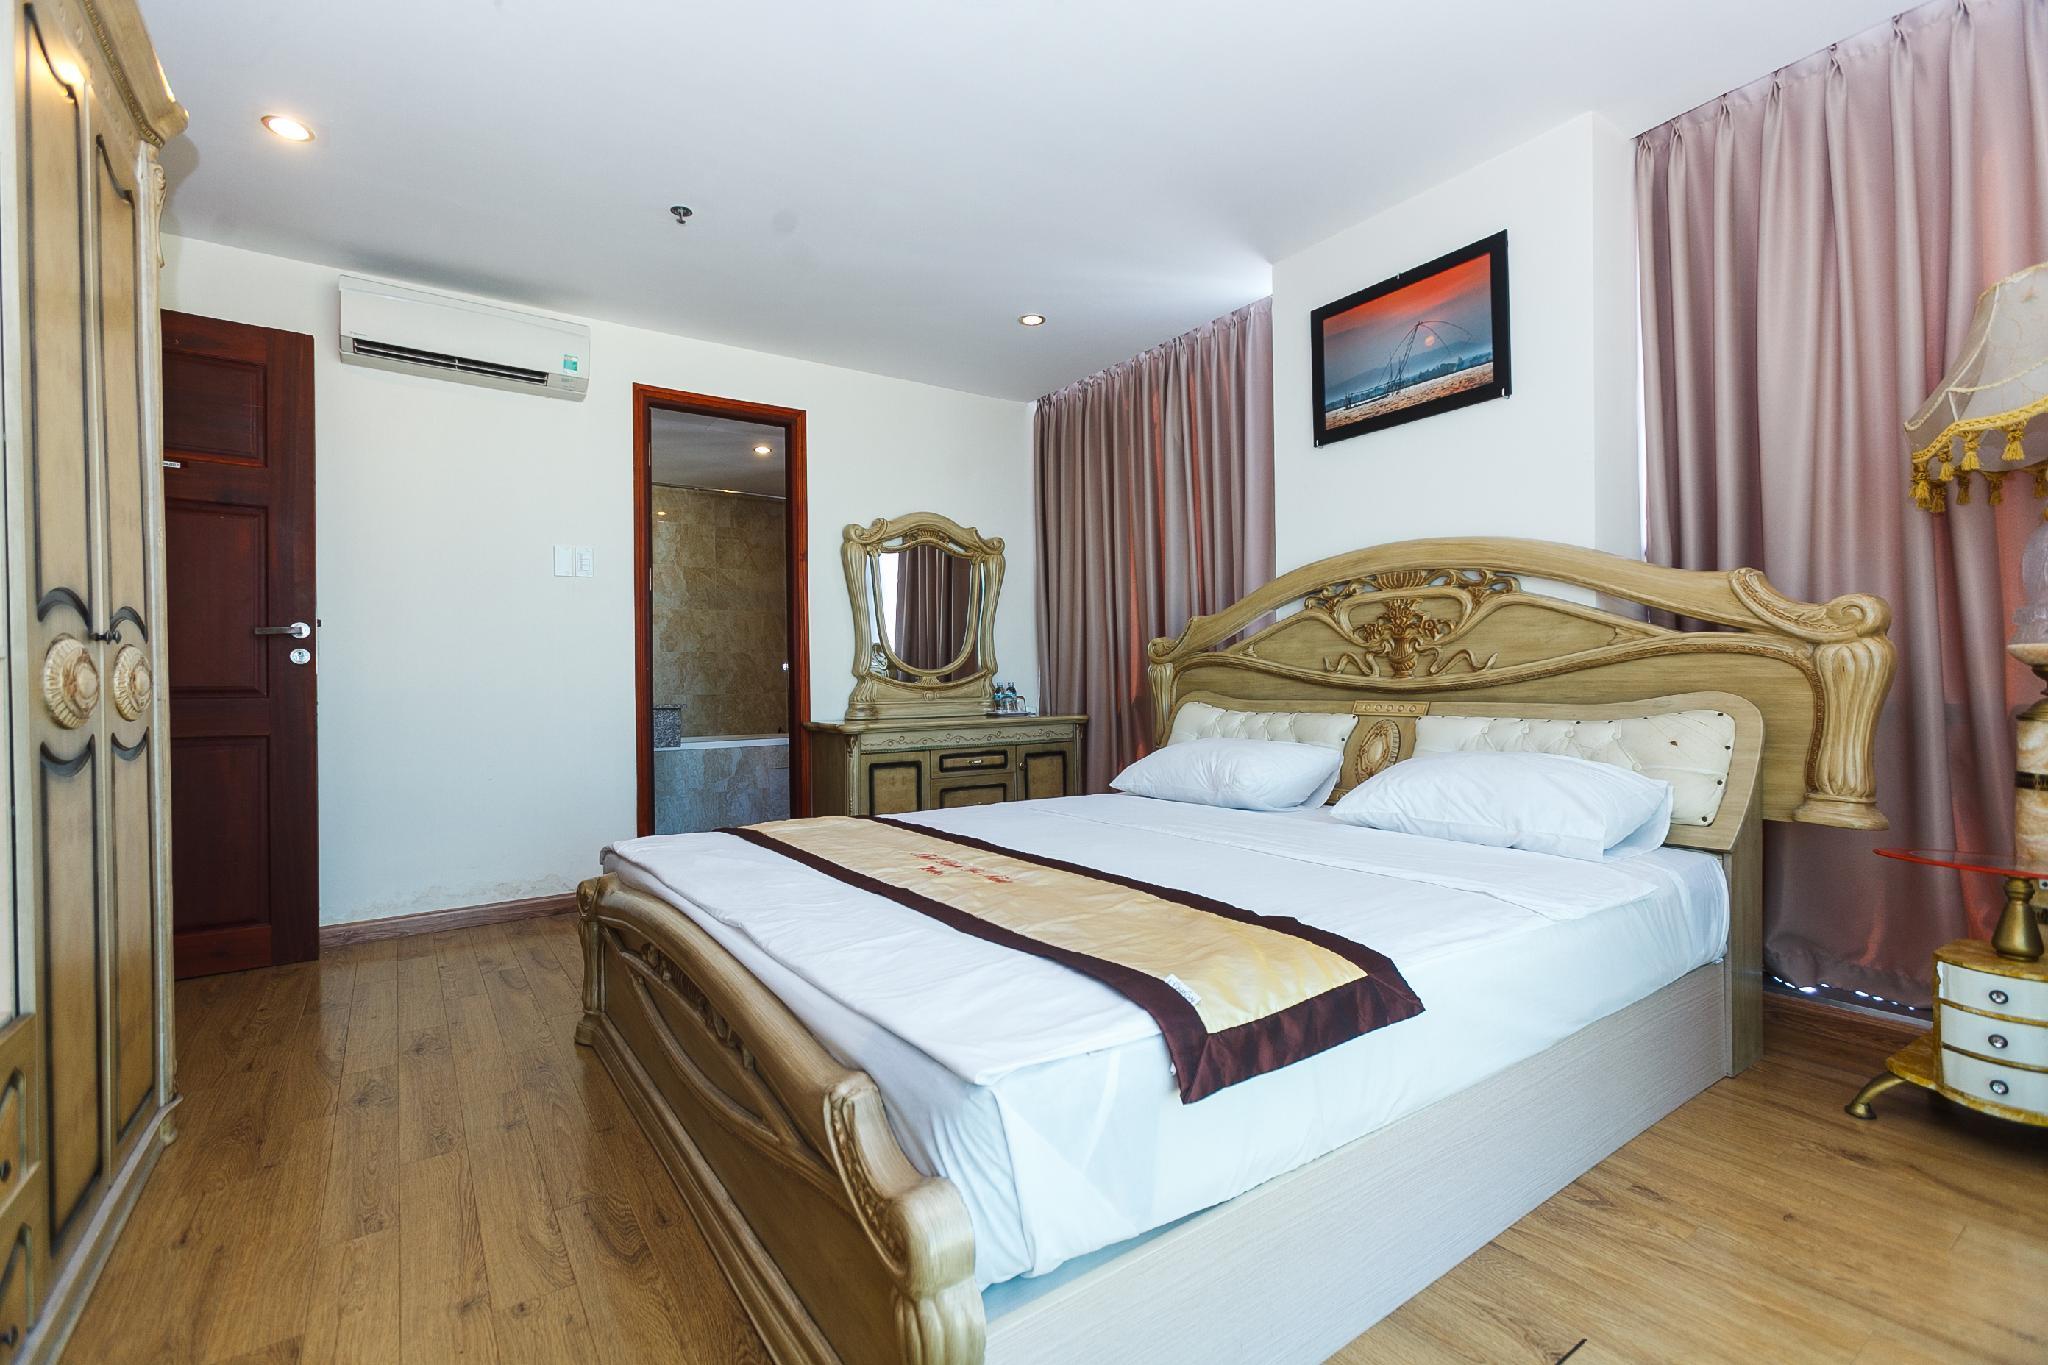 Nhat Linh Hotel Da Nang